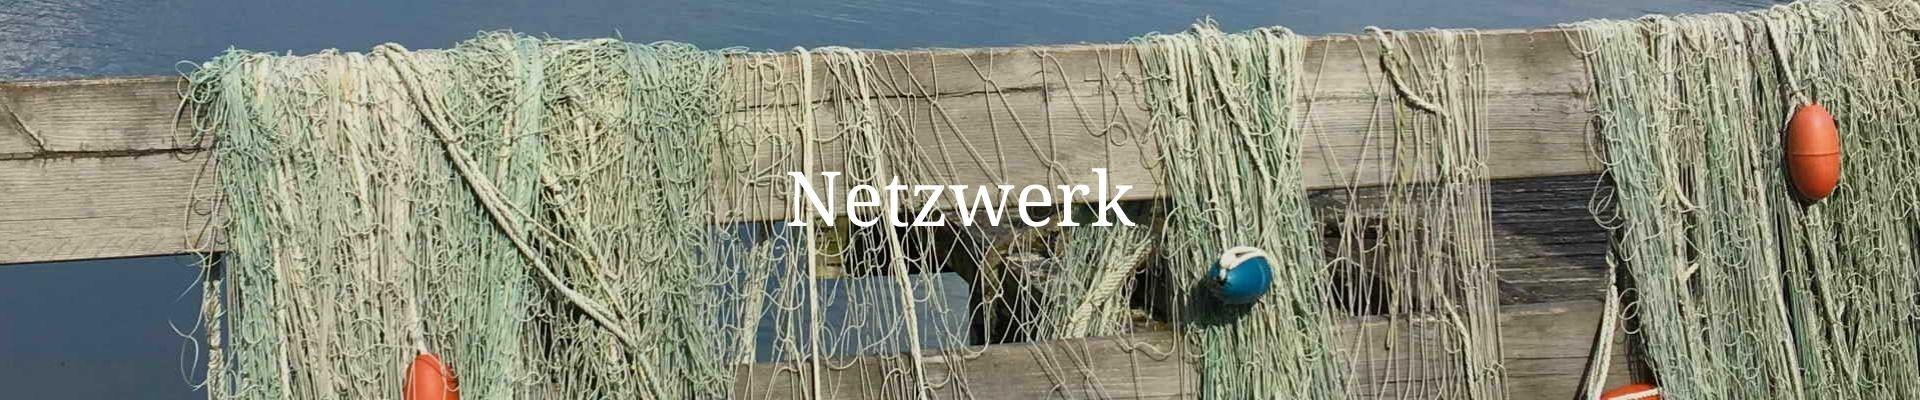 Das Netzwerk von Cathrin Tusche